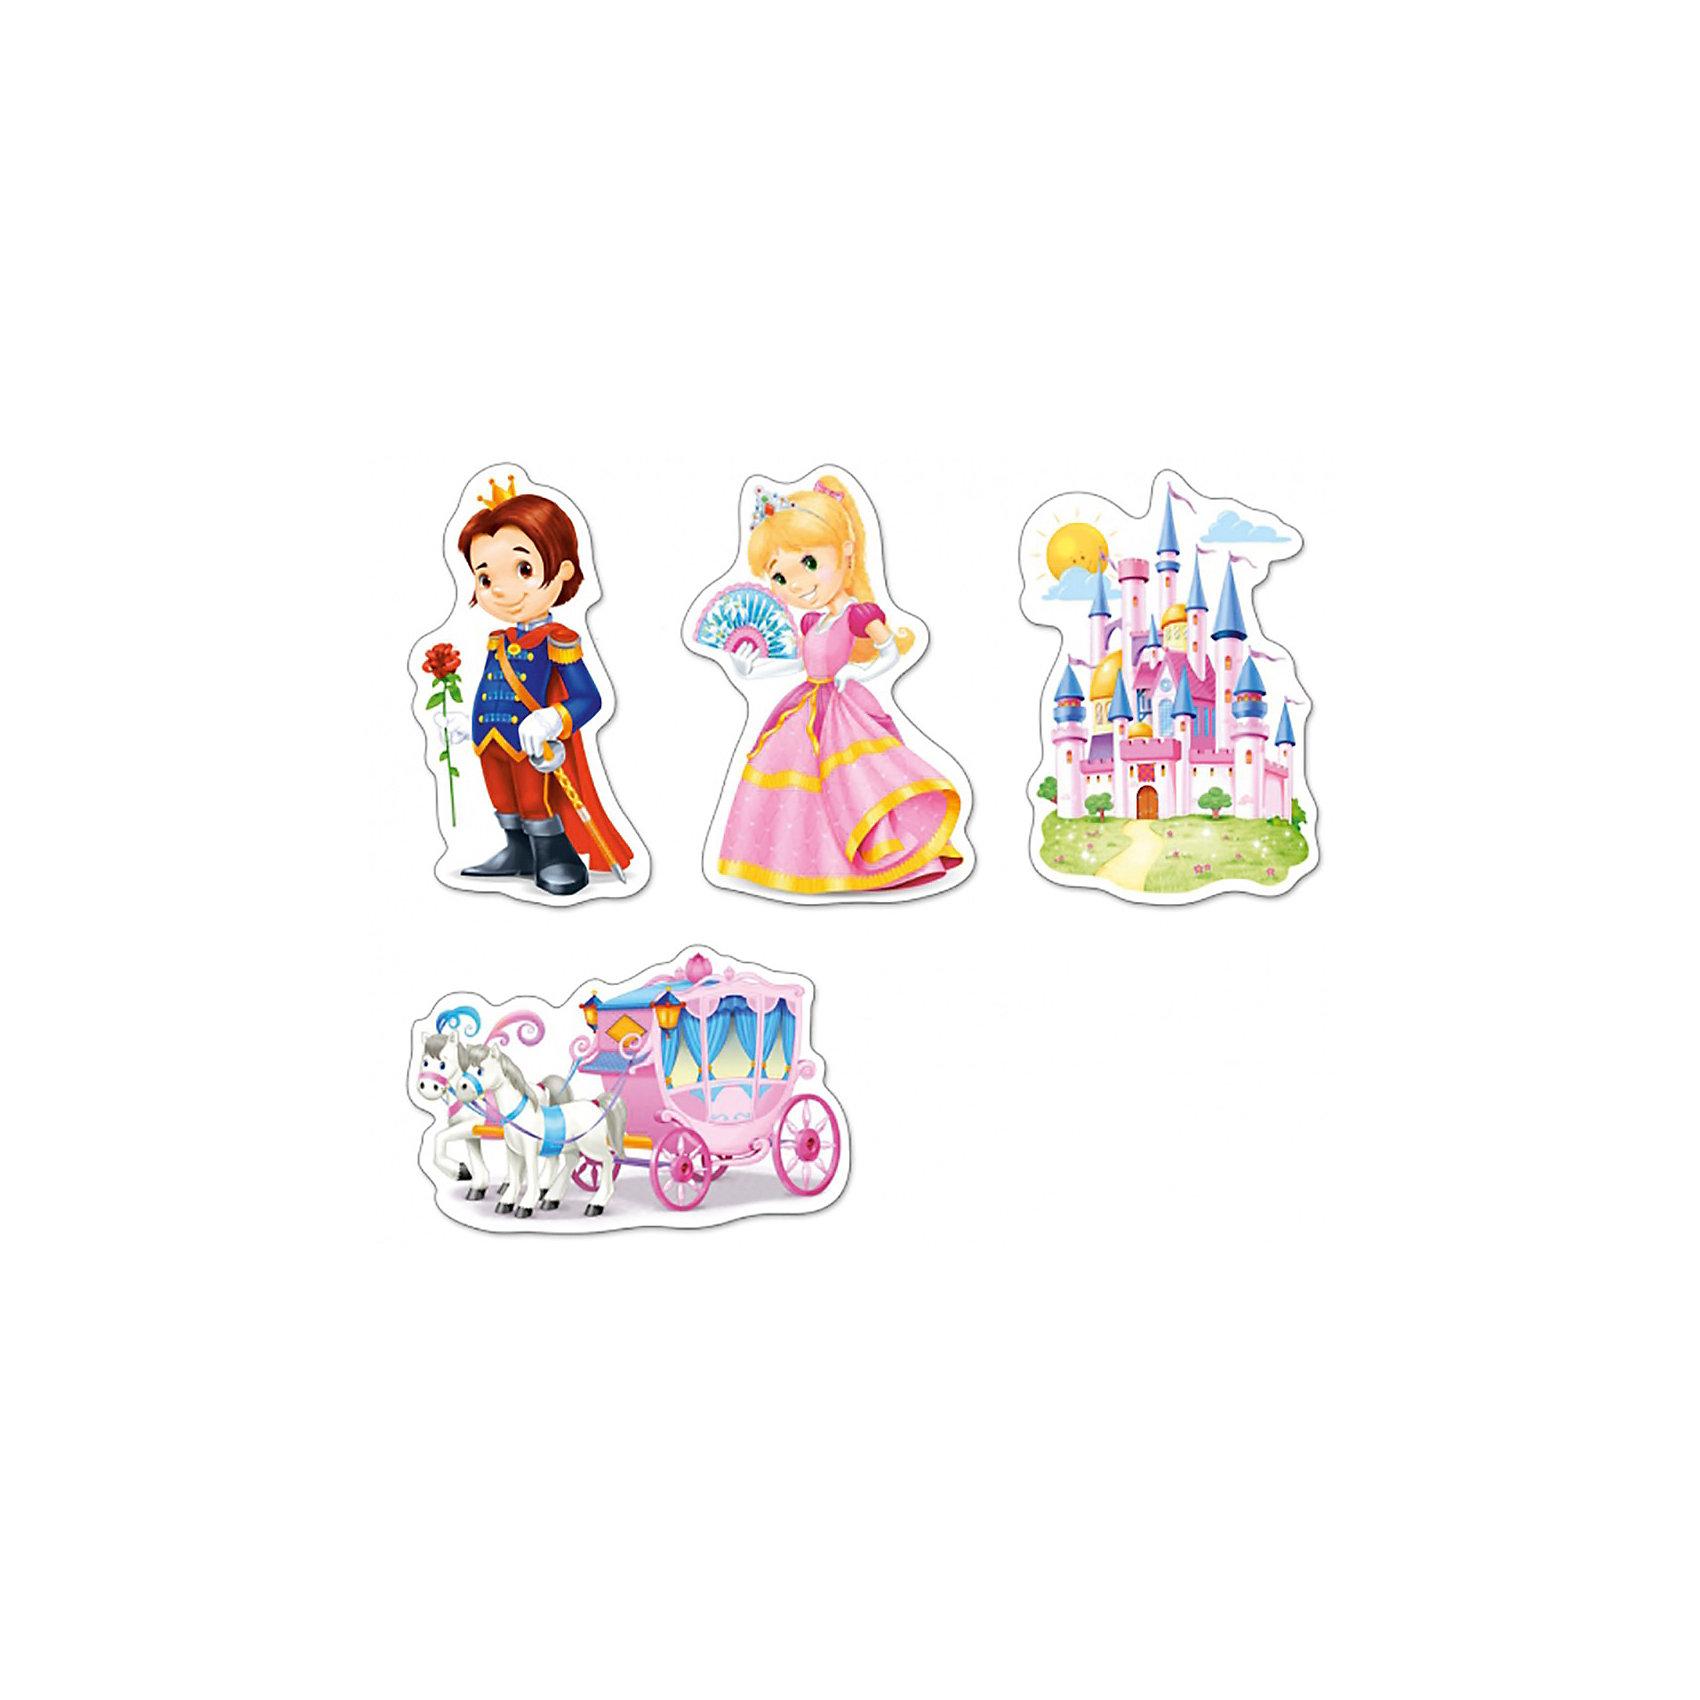 Пазлы Мир принцесс, 3*4*6*9 деталей, CastorlandПазлы для малышей<br>Пазлы Мир принцесс, 3*4*6*9 деталей, Castorland (Касторленд) - это увлекательный набор для первого знакомства вашей малышки с пазлами.<br>Пазлы Мир принцесс – это контурные пазлы для самых маленьких, состоящие из четырех отдельных картинок разной степени сложности. В наборе пазлы с изображением сказочной кареты, прекрасного замка, принцессы и принца. Собирая пазлы, малышка сможет не только увлекательно провести время, но и развить образное и логическое мышление, наблюдательность, мелкую моторику и координацию движений рук. Пазлы выполнены из плотного картона, детали красочные и крупные, легко собираются.<br><br>Дополнительная информация:<br><br>- Каждый пазл состоит из разного количества деталей: сказочная карета – 9 деталей, замок – 6 деталей, принц - -4 детали, принцесса – 3 детали<br>- Размер картинок: 16.5 ? 11 см.<br>- Материал: плотный картон<br>- Упаковка: картонная коробка<br>- Размер коробки: 17,5 х 3,7 х 13 см.<br>- Вес: 110 гр.<br><br>Пазлы Мир принцесс, 3*4*6*9 деталей, Castorland (Касторленд) можно купить в нашем интернет-магазине.<br><br>Ширина мм: 175<br>Глубина мм: 37<br>Высота мм: 130<br>Вес г: 110<br>Возраст от месяцев: 36<br>Возраст до месяцев: 84<br>Пол: Унисекс<br>Возраст: Детский<br>Количество деталей: 3<br>SKU: 3899115